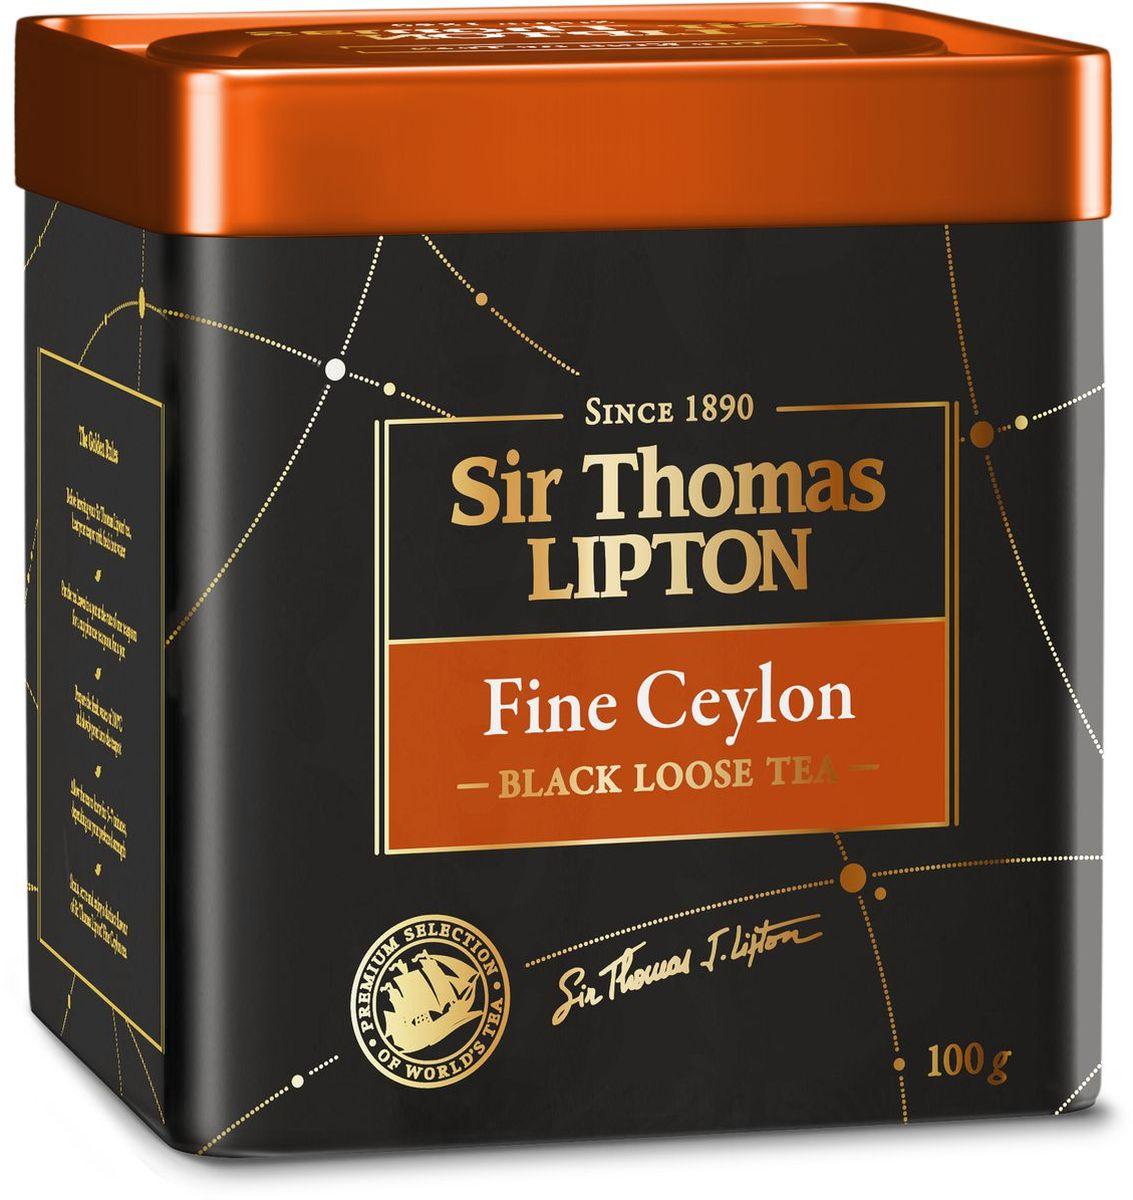 Sir Thomas Lipton Fine Ceylon чай черный листовой, 100 г67270712Sir Thomas Lipton Чай черный листовой Fine Ceylon, 100 гр. Крупнолистовой чай в металлической банке. Насыщенный аромат, золотистый цвет и узнаваемая легкая горечь в послевкусии сделали Цейлон одним из самых известных чайных сортов в мире. Выращенный и отобранный в ручную в высокогорьях Шри-Ланки, чай Sir Thomas Lipton Fine Ceylon обладает особо мягким ароматом и освежающим вкусом с нежными цветочными нотами. Новая коллекция премиального чая Sir Thomas Lipton - это высокое качество чая с лучших плантаций мира (Цейлон, Кения, Индонезия), неповторимый насыщенный и благородный вкус, изысканный и глубокий аромат для истинных ценителей настоящего чая. Неизменность высокого качества гарантирует имя основателя в названии коллекции и его подпись на упаковке - Sir Thomas Lipton.